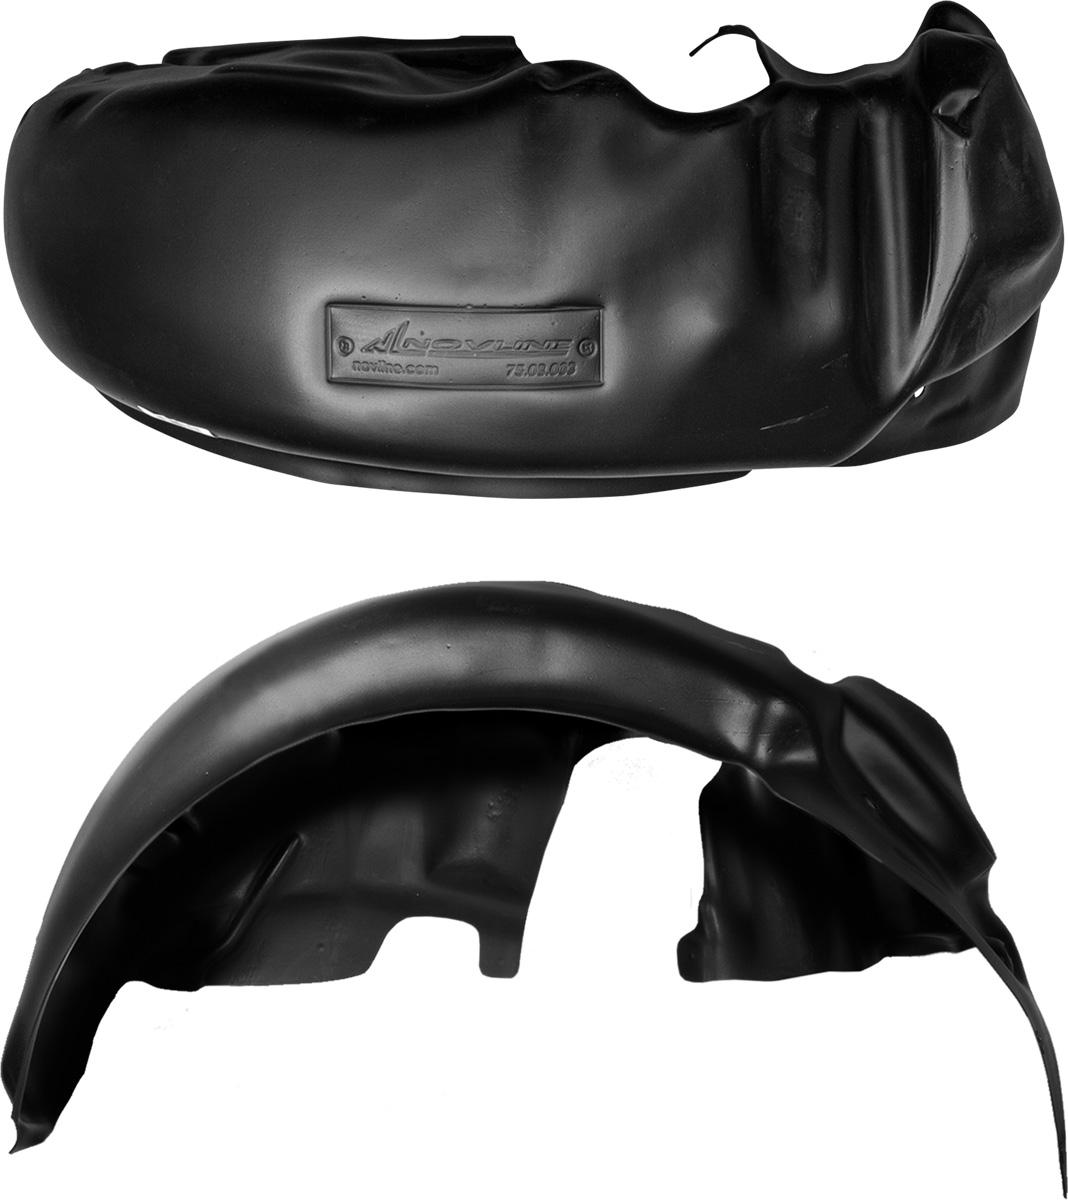 Подкрылок LIFAN X-60, 2012->, задний правыйCLP446Колесные ниши – одни из самых уязвимых зон днища вашего автомобиля. Они постоянно подвергаются воздействию со стороны дороги. Лучшая, почти абсолютная защита для них - специально отформованные пластиковые кожухи, которые называются подкрылками, или локерами. Производятся они как для отечественных моделей автомобилей, так и для иномарок. Подкрылки выполнены из высококачественного, экологически чистого пластика. Обеспечивают надежную защиту кузова автомобиля от пескоструйного эффекта и негативного влияния, агрессивных антигололедных реагентов. Пластик обладает более низкой теплопроводностью, чем металл, поэтому в зимний период эксплуатации использование пластиковых подкрылков позволяет лучше защитить колесные ниши от налипания снега и образования наледи. Оригинальность конструкции подчеркивает элегантность автомобиля, бережно защищает нанесенное на днище кузова антикоррозийное покрытие и позволяет осуществить крепление подкрылков внутри колесной арки практически без дополнительного крепежа и сверления, не нарушая при этом лакокрасочного покрытия, что предотвращает возникновение новых очагов коррозии. Технология крепления подкрылков на иномарки принципиально отличается от крепления на российские автомобили и разрабатывается индивидуально для каждой модели автомобиля. Подкрылки долговечны, обладают высокой прочностью и сохраняют заданную форму, а также все свои физико-механические характеристики в самых тяжелых климатических условиях ( от -50° С до + 50° С).